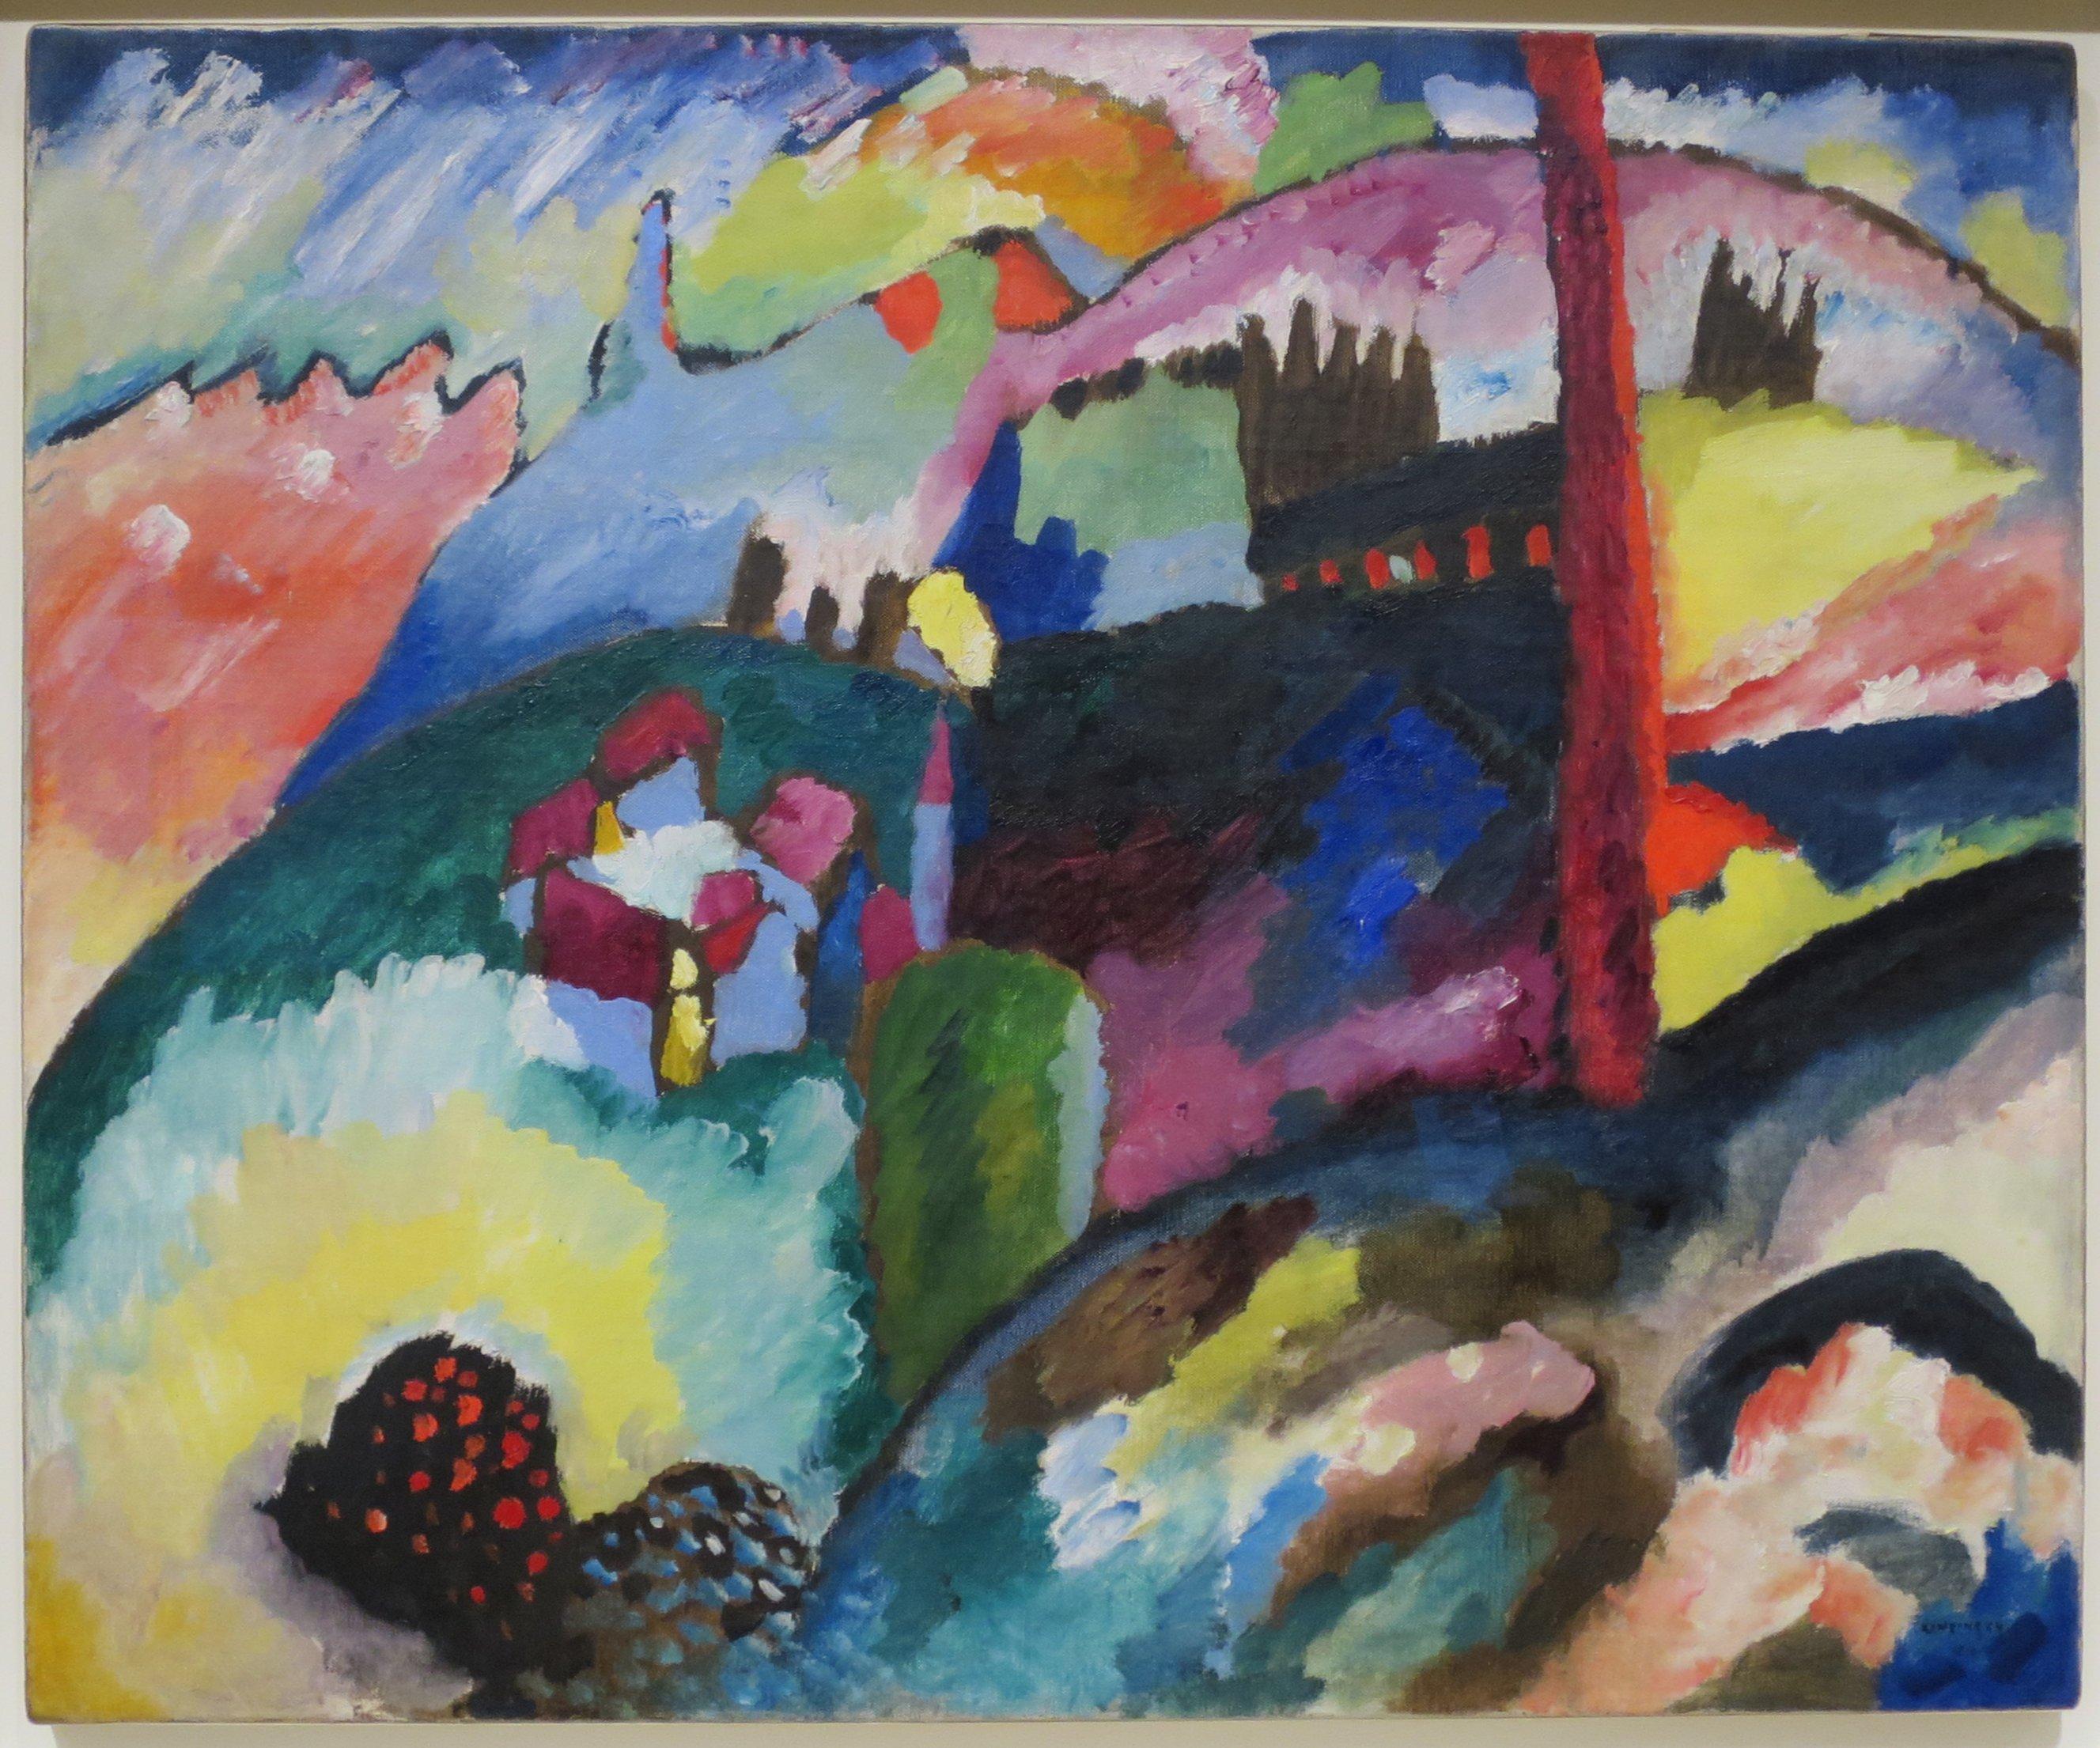 FileLandscape with Factory Chimney by Vasily Kandinsky